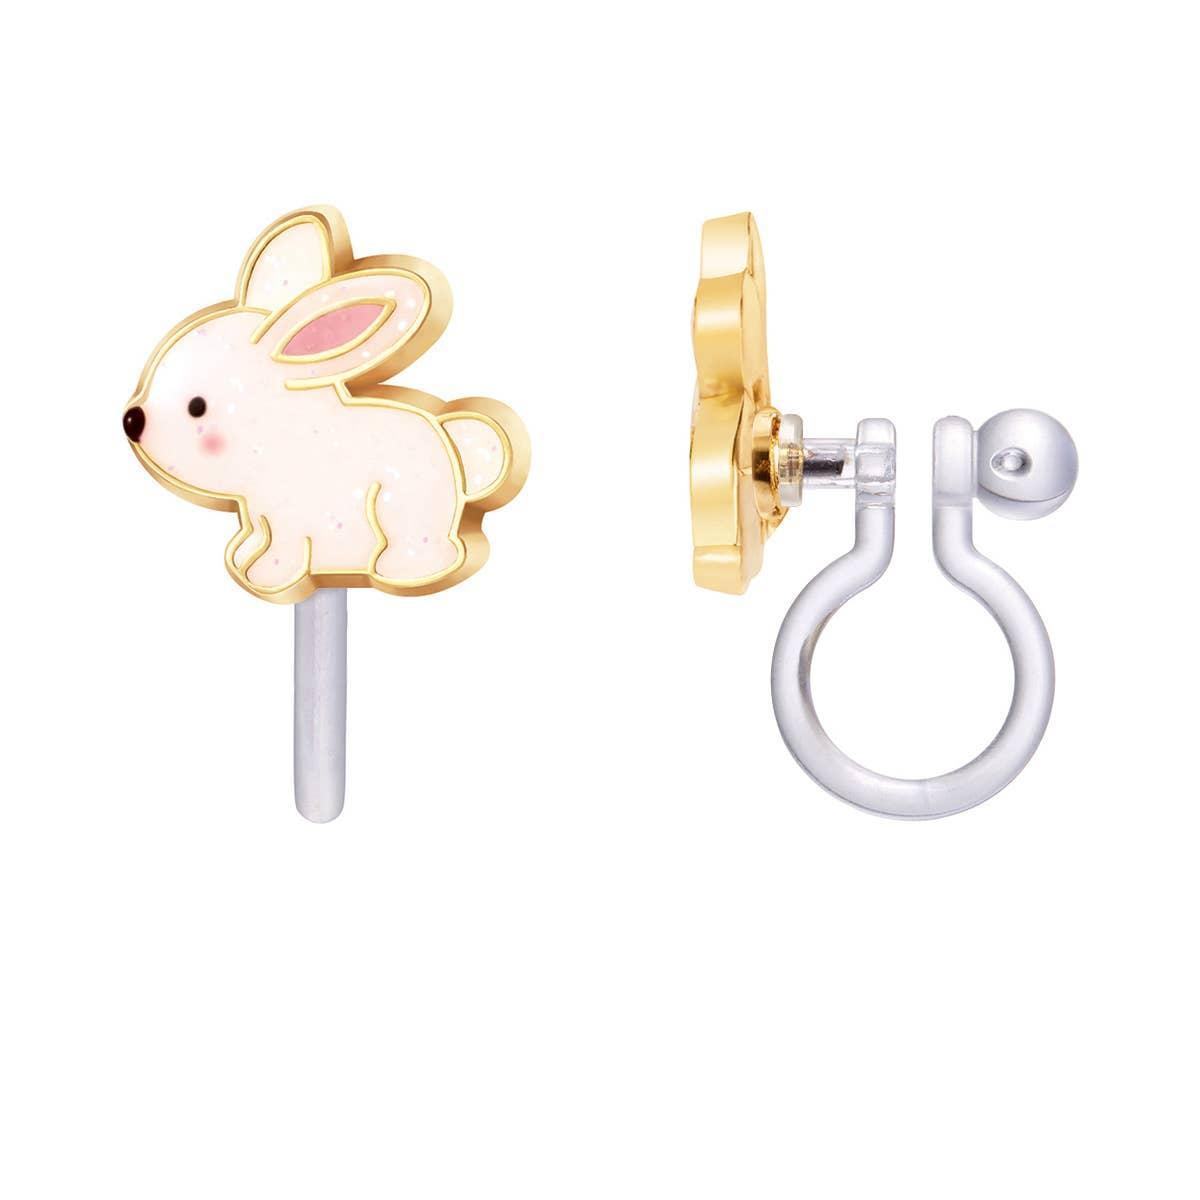 CLIP ON Cutie Earrings- Glitter Rabbit | Trada Marketplace